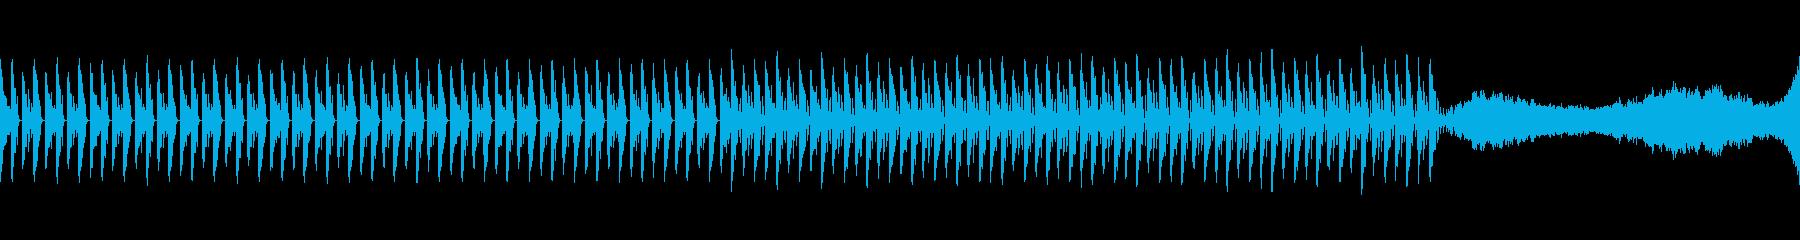 【映像系】スリリング系 (Long)の再生済みの波形